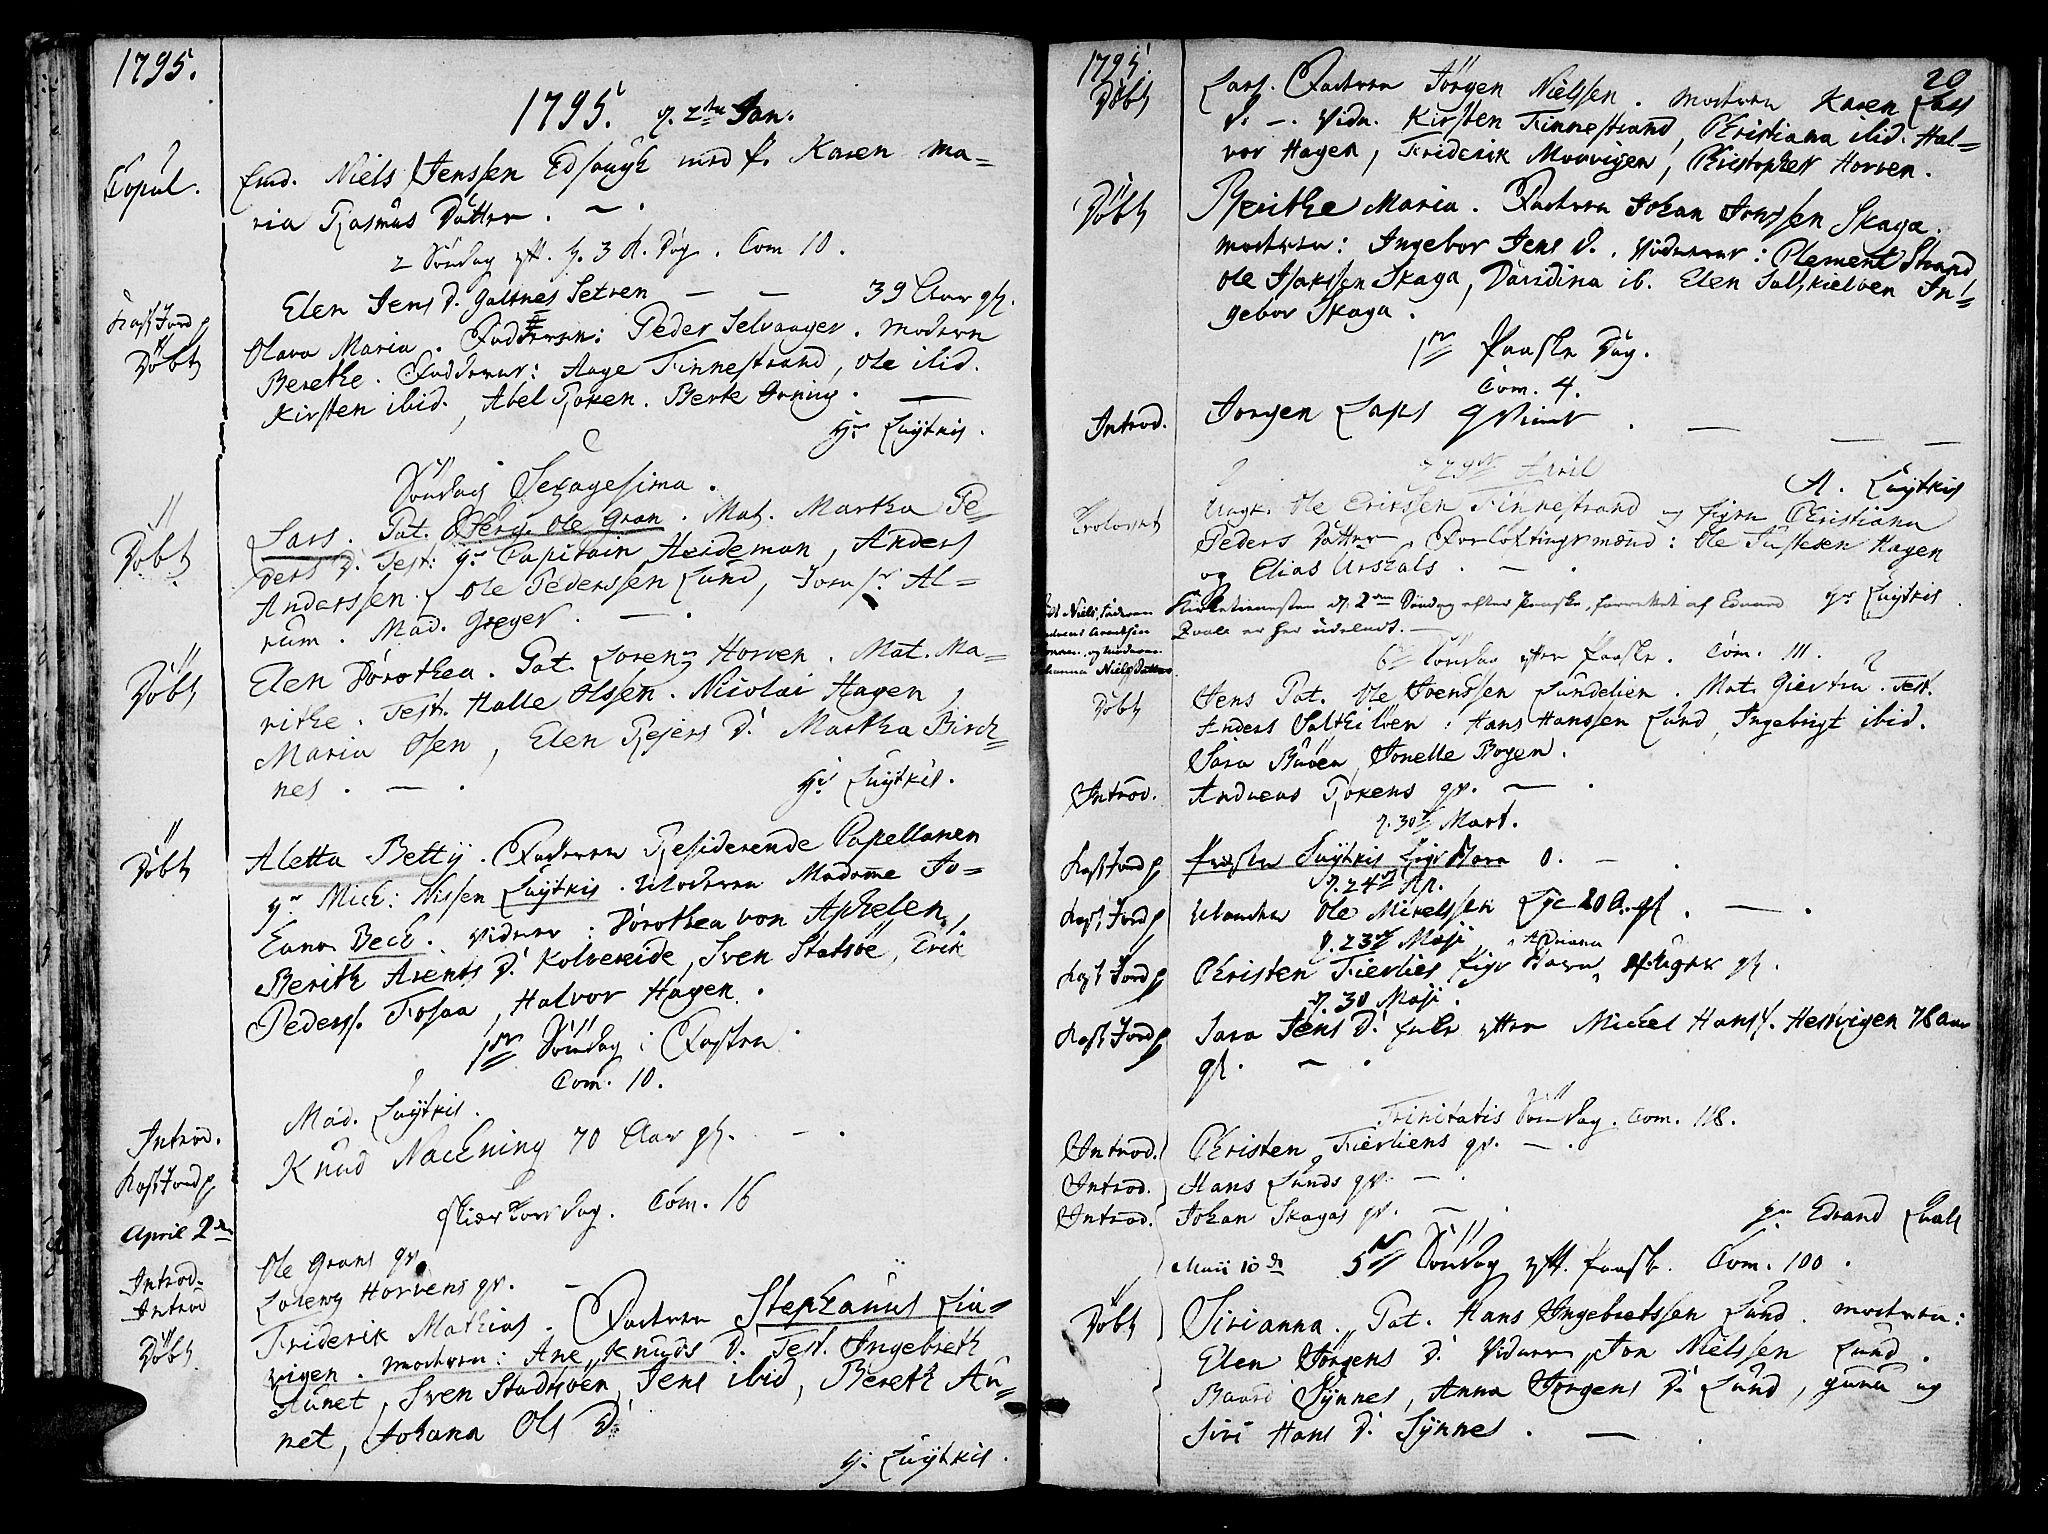 SAT, Ministerialprotokoller, klokkerbøker og fødselsregistre - Nord-Trøndelag, 780/L0633: Ministerialbok nr. 780A02 /1, 1787-1814, s. 20